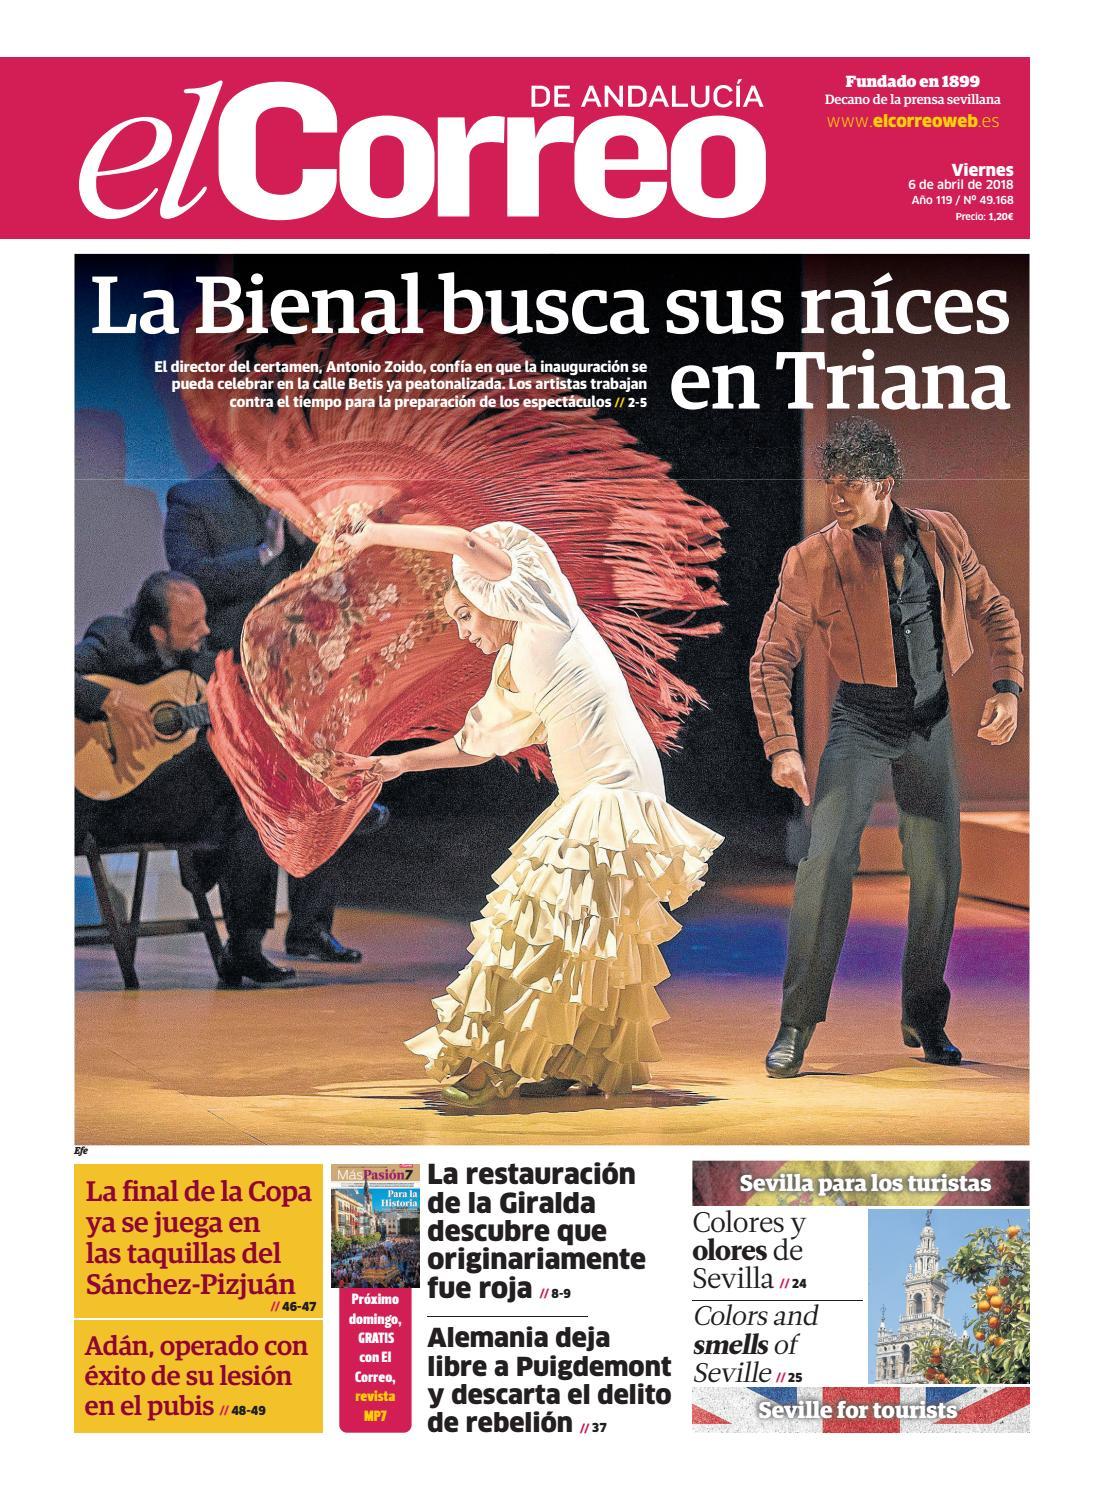 b9dc93a8d 06.04.2018 El Correo de Andalucía by EL CORREO DE ANDALUCÍA S.L. - issuu